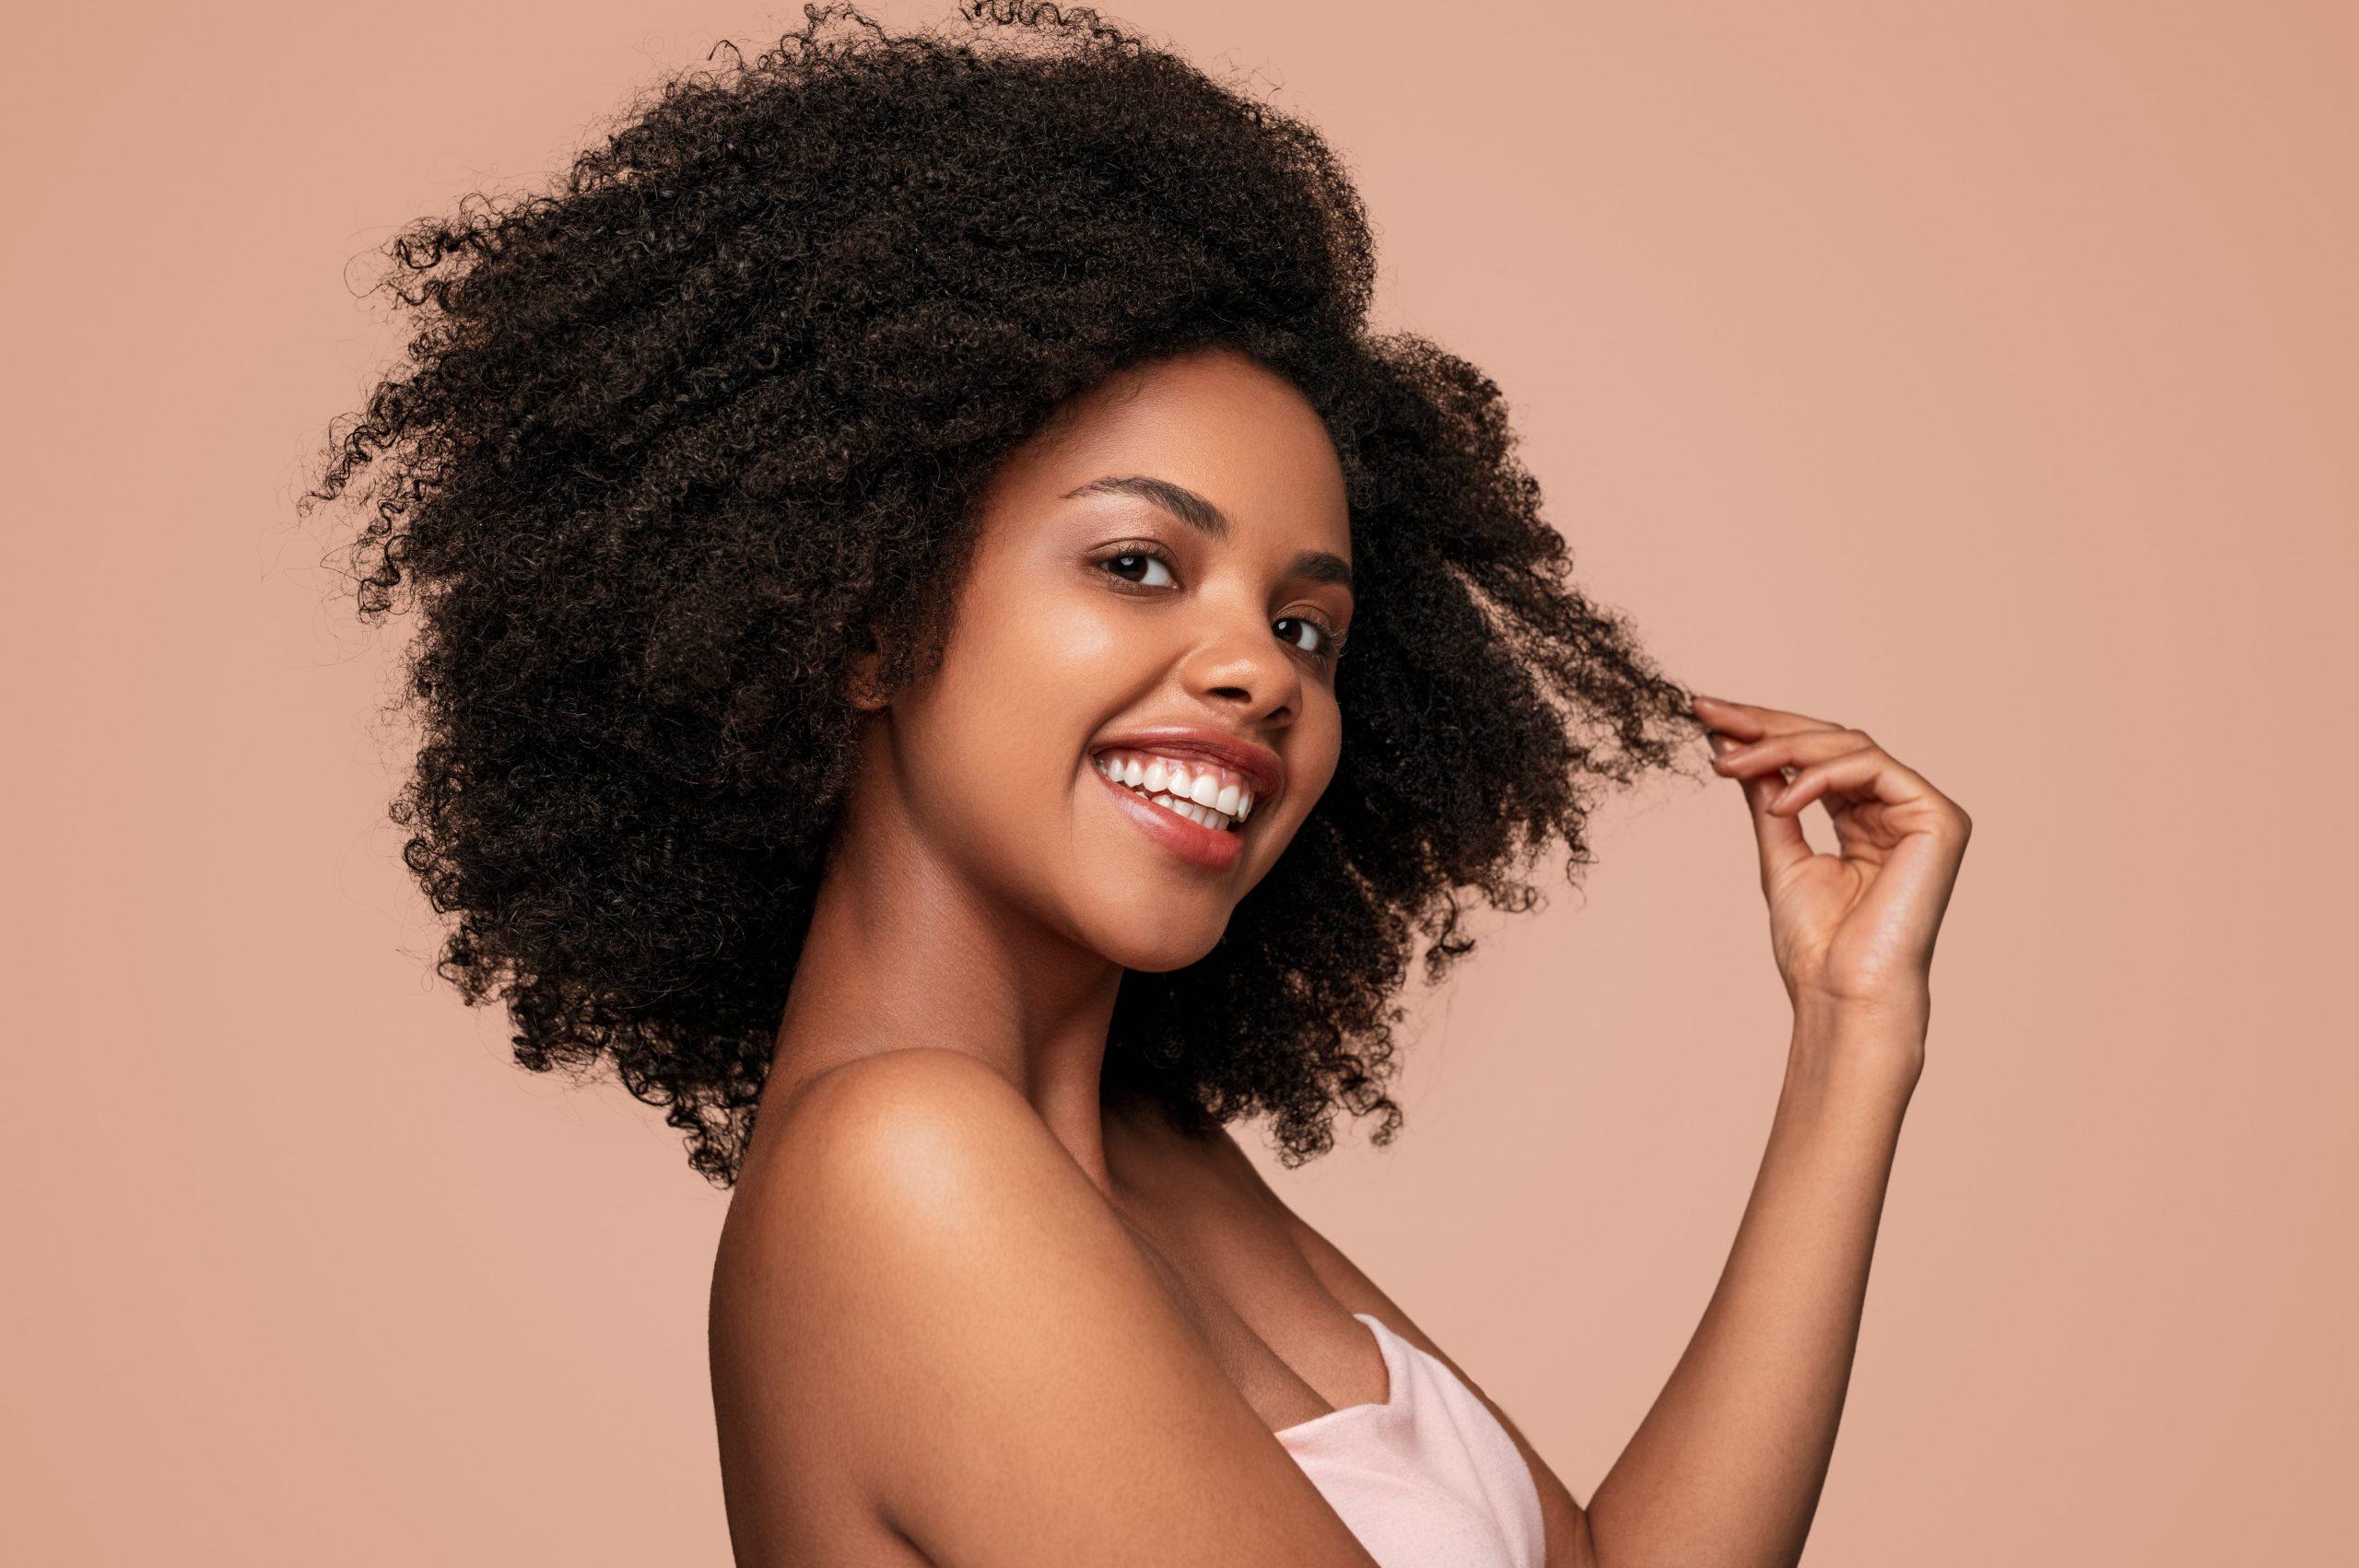 mulher negra linda com cabelo crespo - como fazer transição capilar